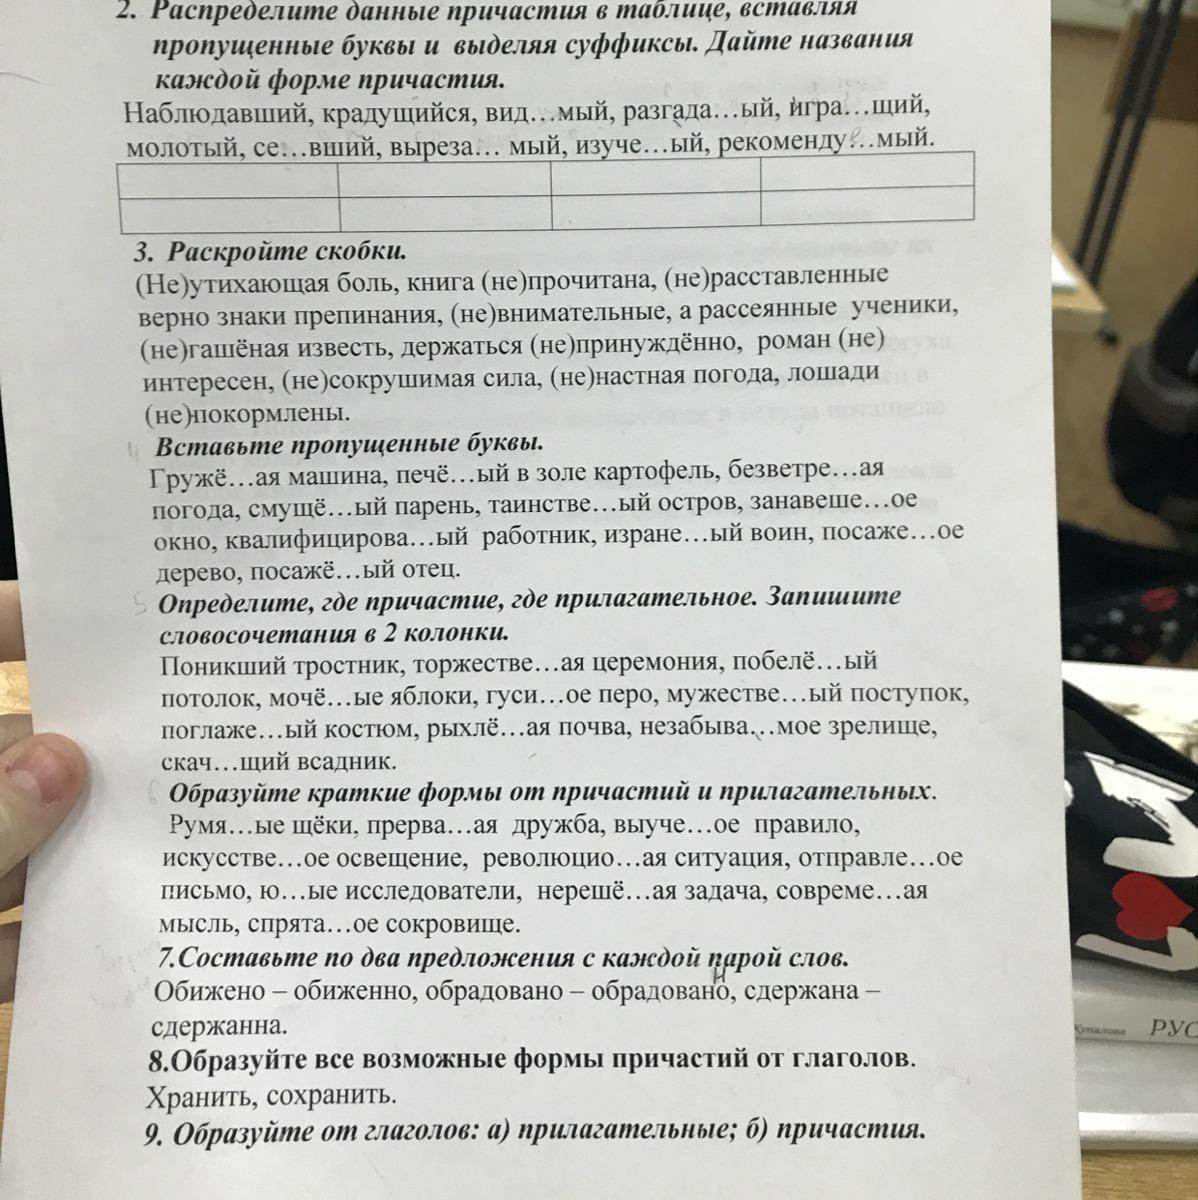 Помогите пожалуйста очень срочно класс русский язык  Помогите пожалуйста очень срочно 7 класс русский язык контрольная работа по теме Причастие